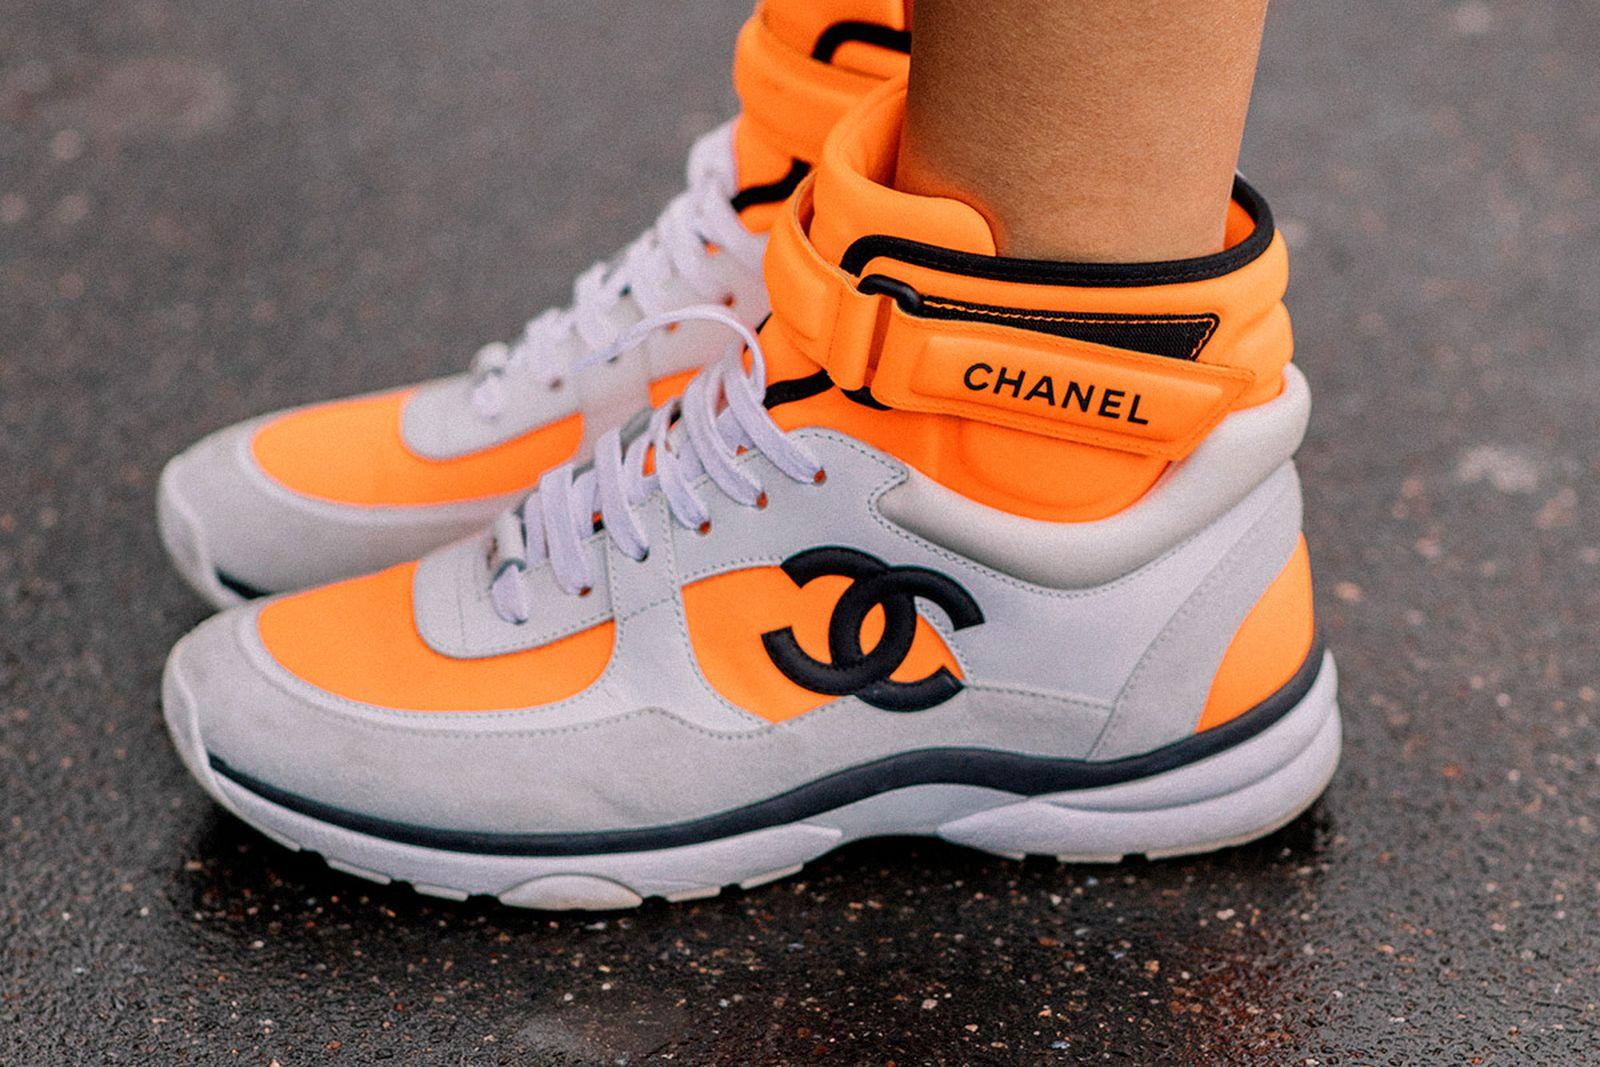 chanel-logo-sneaker-main